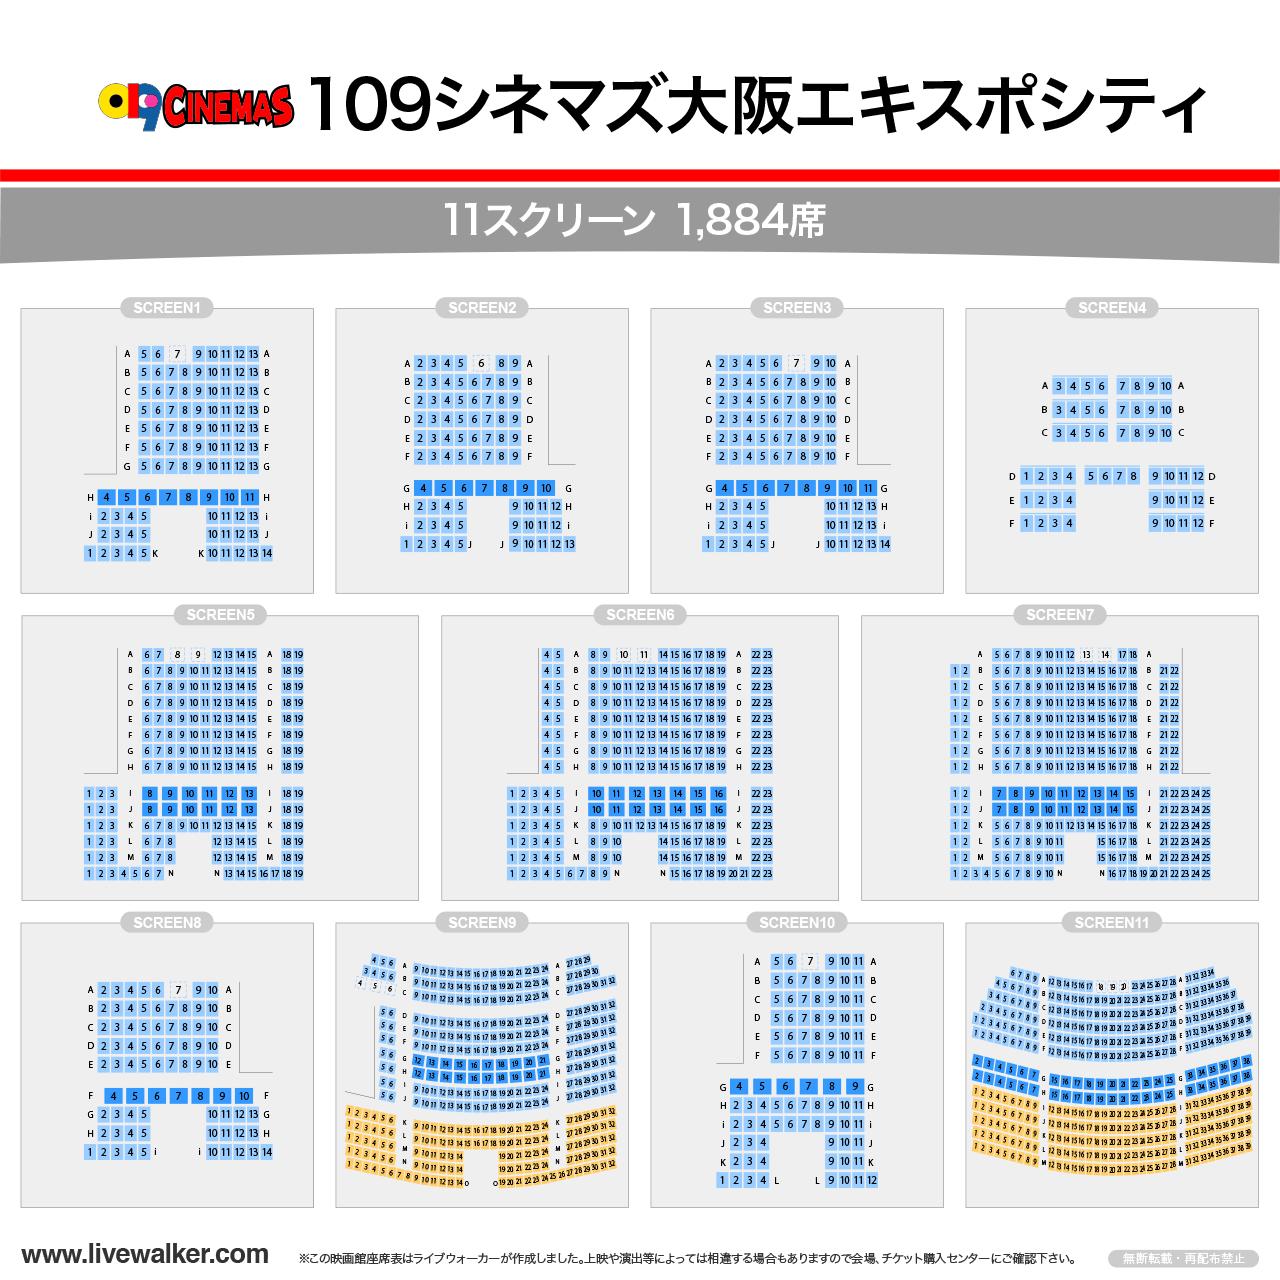 109シネマズ大阪エキスポシティ (大阪府 吹田市) - LiveWalker.com